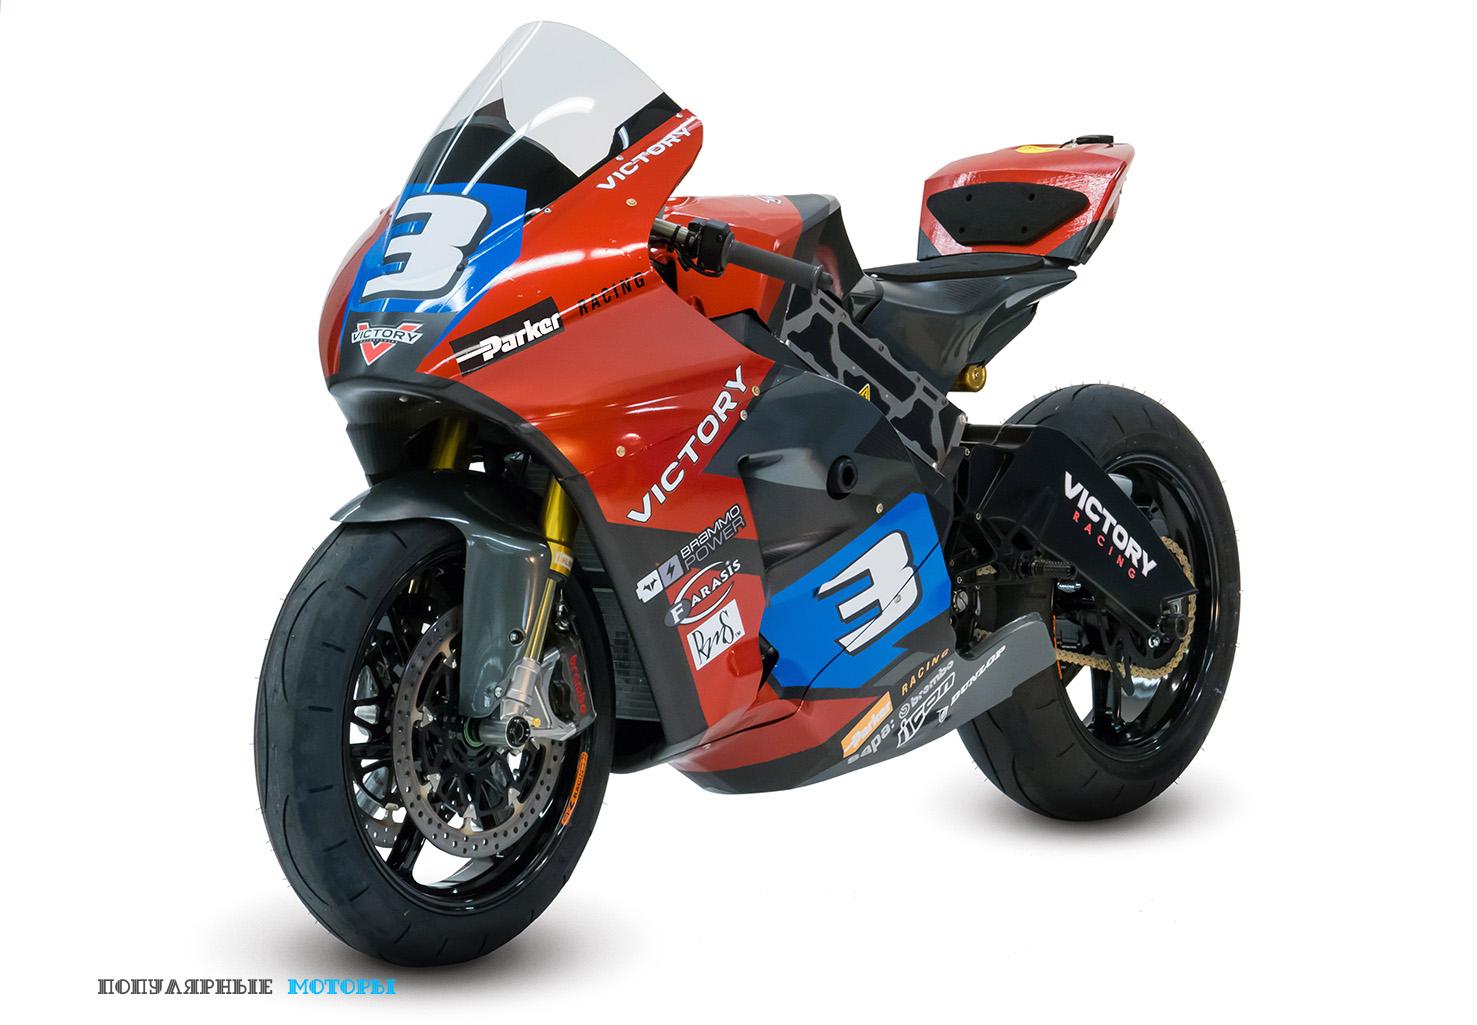 """Стикер """"Brammo Power"""" на обтекателе, имеющий форму батарейки, даёт понять, какое направление теперь выберет бывший производитель мотоциклов."""